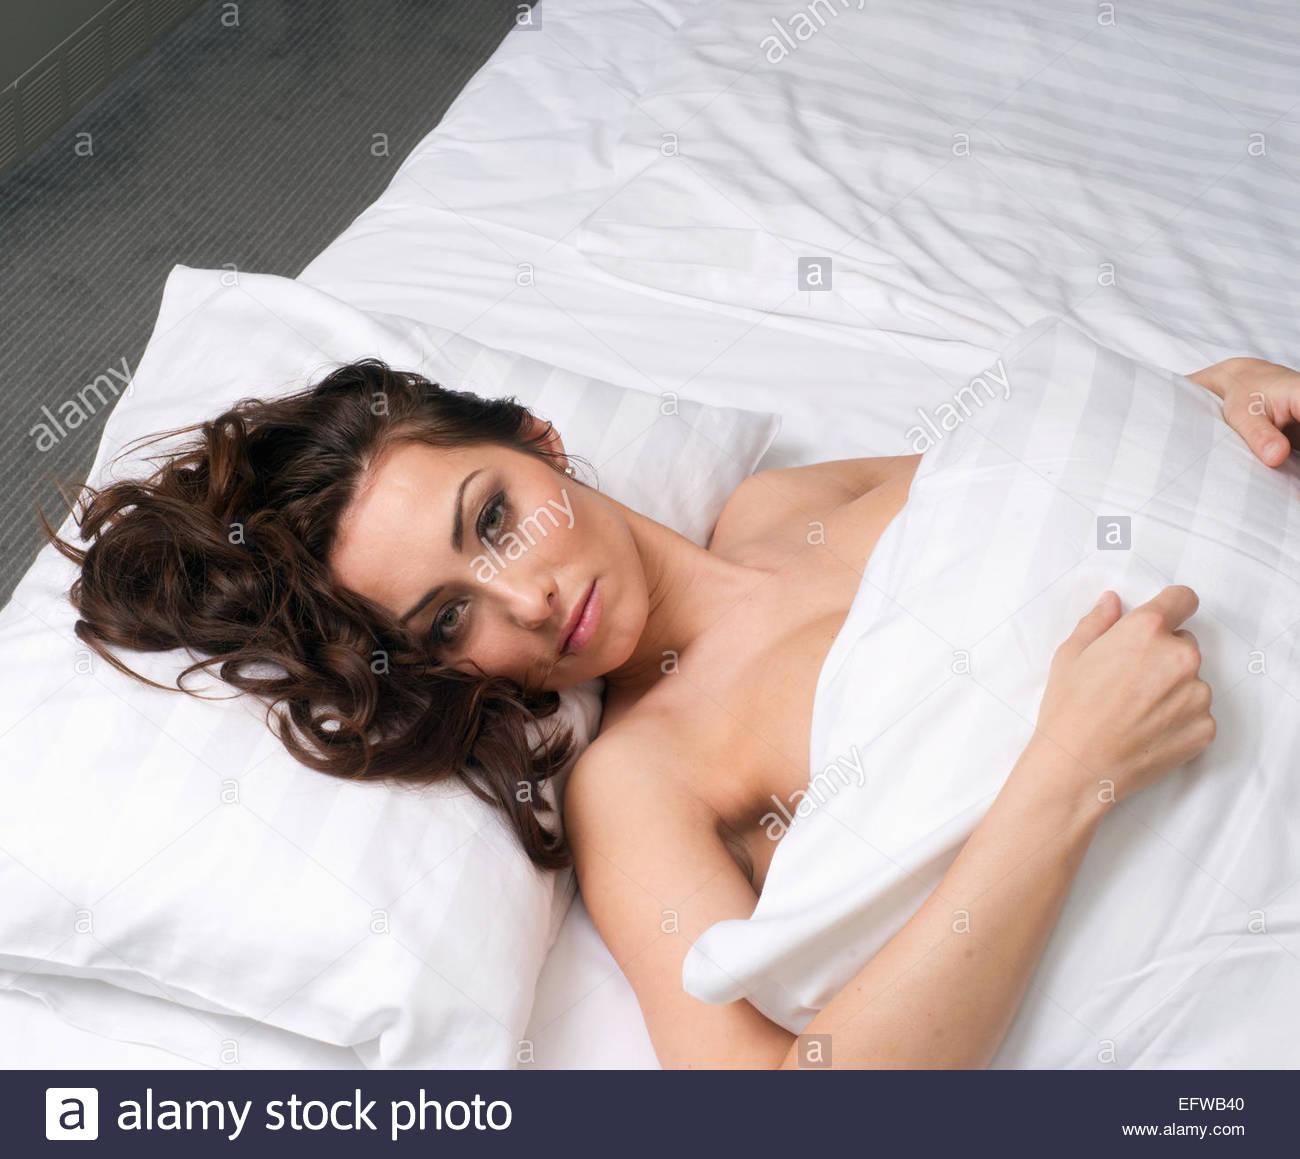 https://c8.alamy.com/compit/efwb40/giovani-da-sola-camera-da-letto-letto-sdraiato-faccia-pensare-donna-letto-ritratto-di-uno-stile-di-vita-giovane-adulto-una-sola-persona-giovani-donne-belle-efwb40.jpg